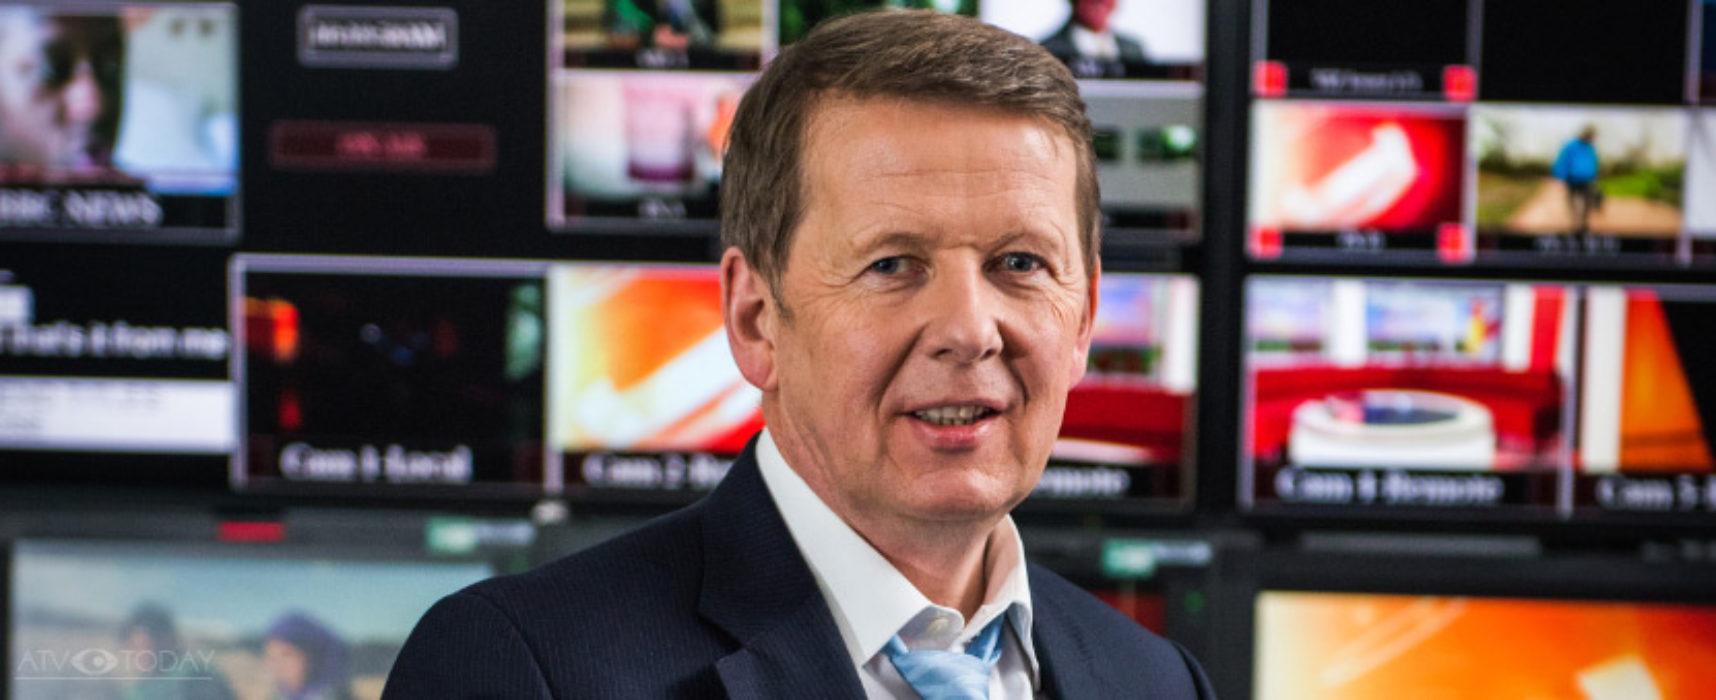 Bill Turnbull and Susanna Reid to host ITV's Good Morning Britain